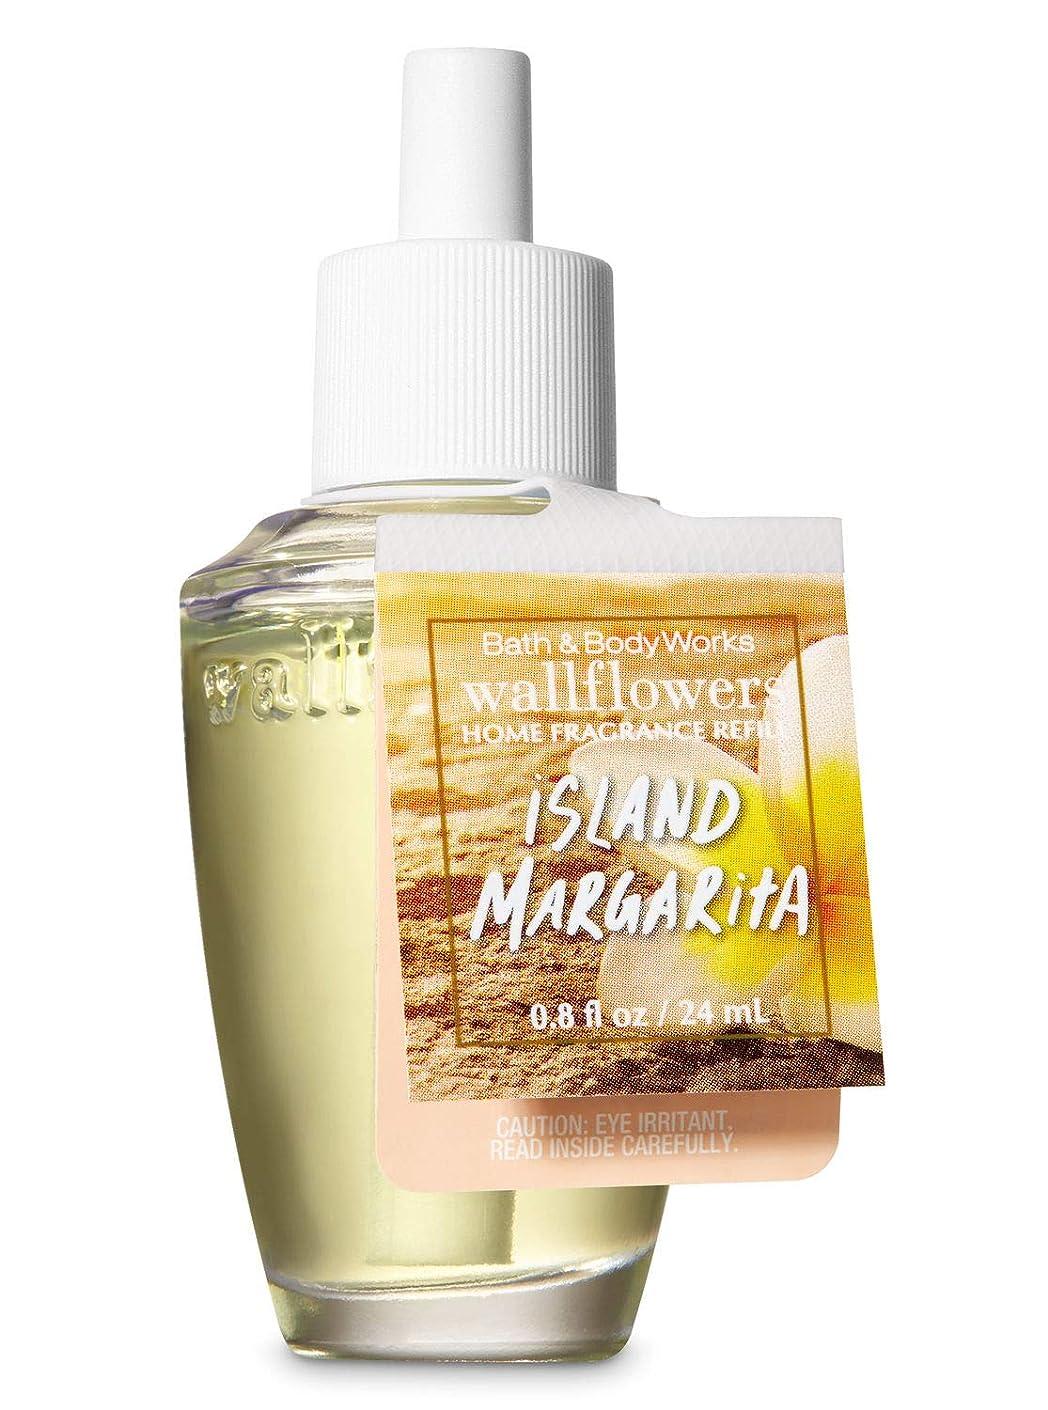 レイアホームレス制限する【Bath&Body Works/バス&ボディワークス】 ルームフレグランス 詰替えリフィル アイランドマルガリータ Wallflowers Home Fragrance Refill Island Margarita [並行輸入品]